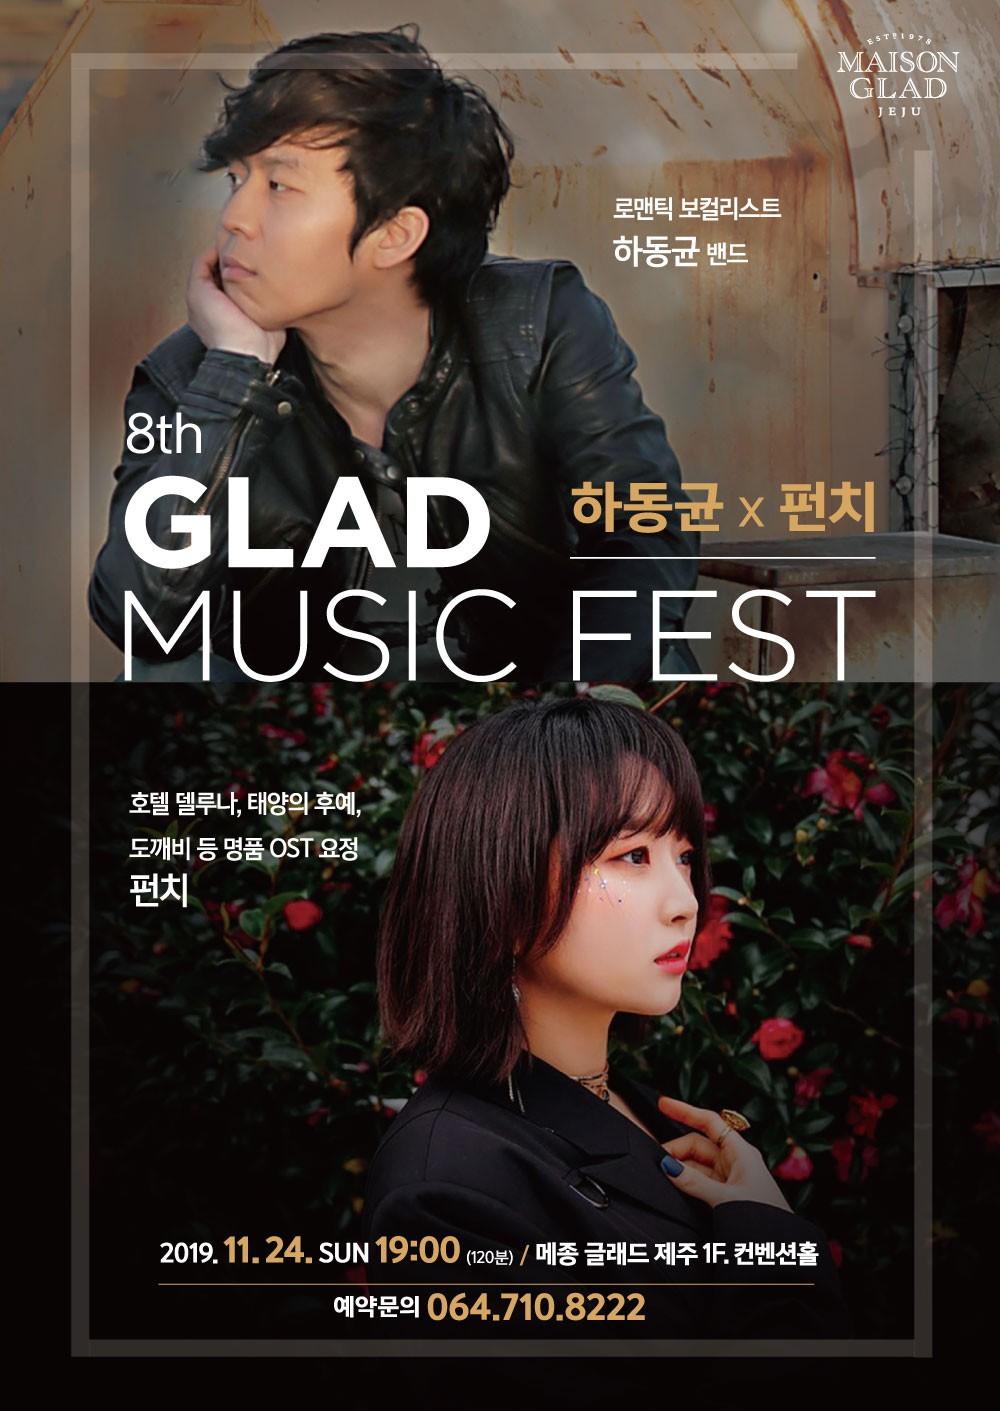 글래드뮤직페스트★하동균X펀치  스탠다드 트윈+공연 S석 2인